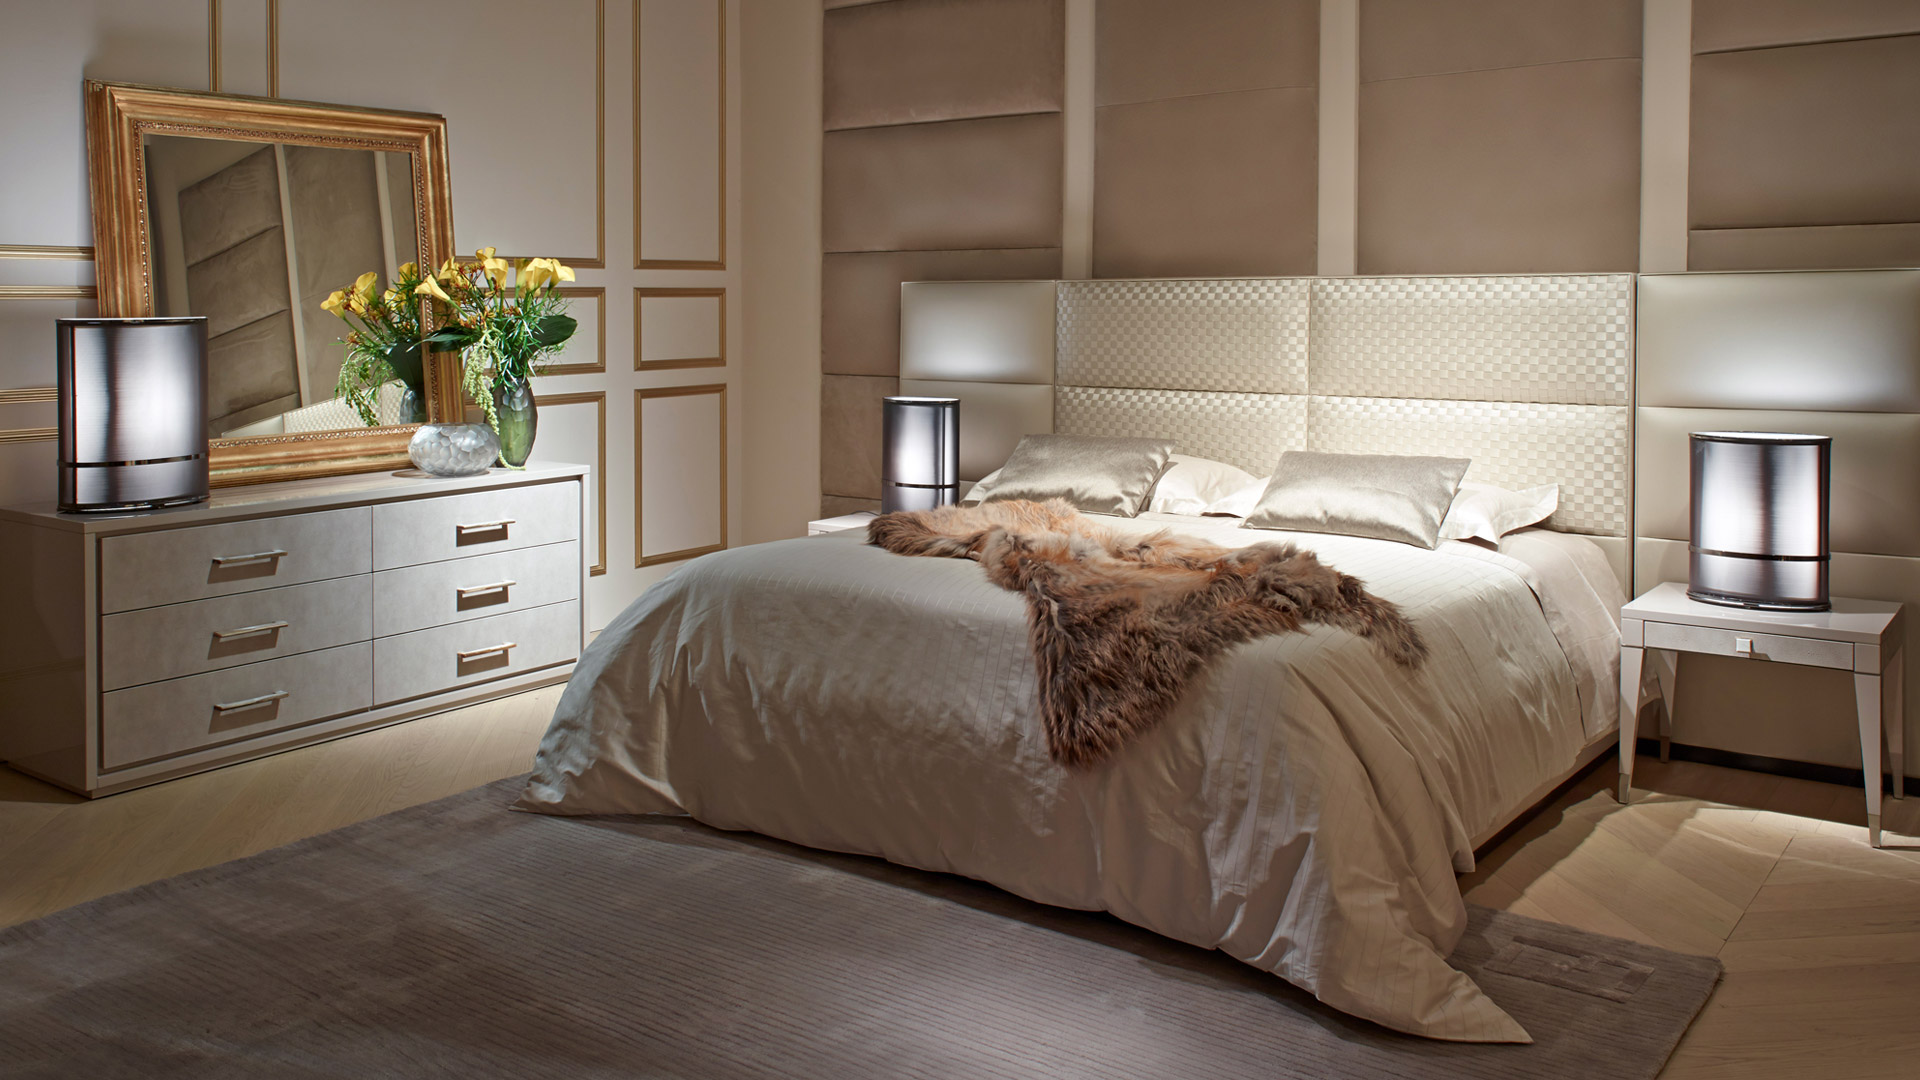 Camere da letto fendi 2013 1 design mon amour - Camere letto design ...